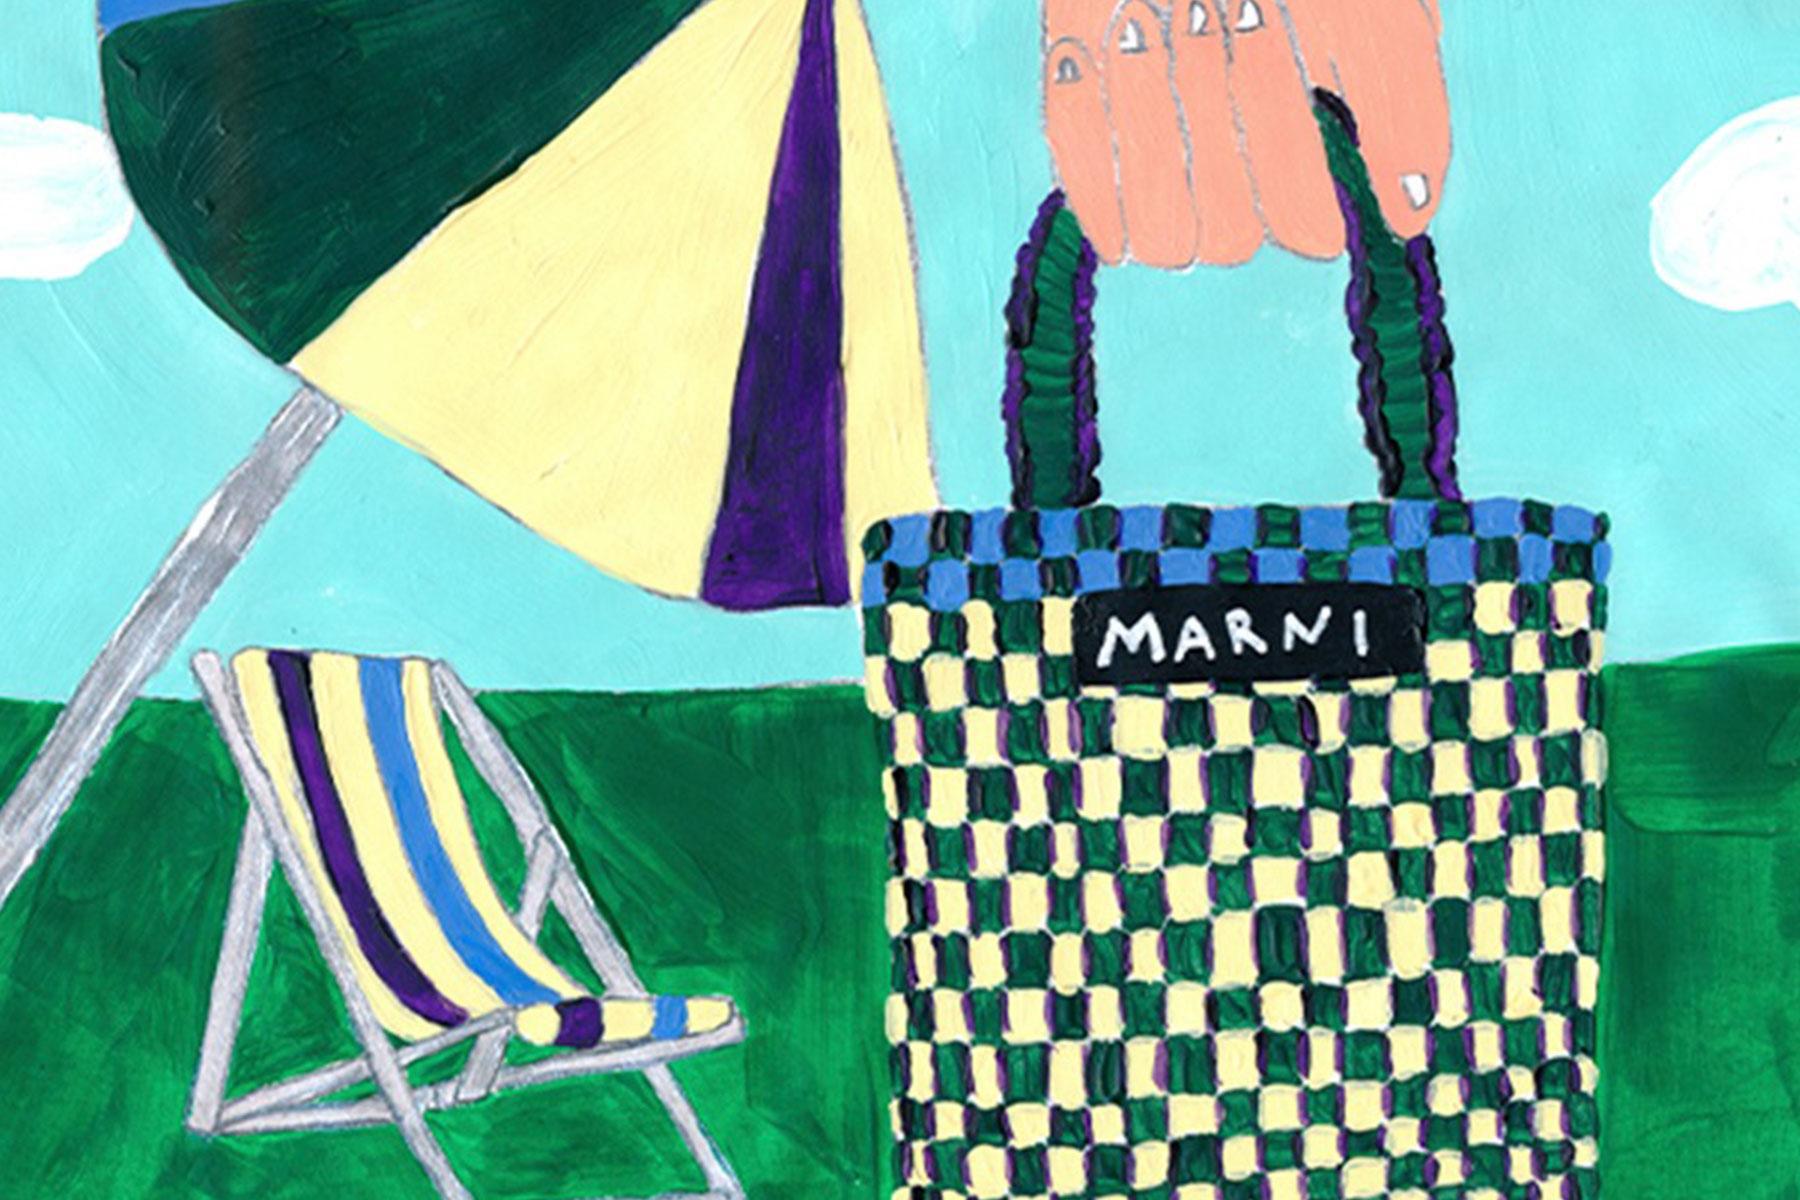 MARNI - Amanda Eliasson